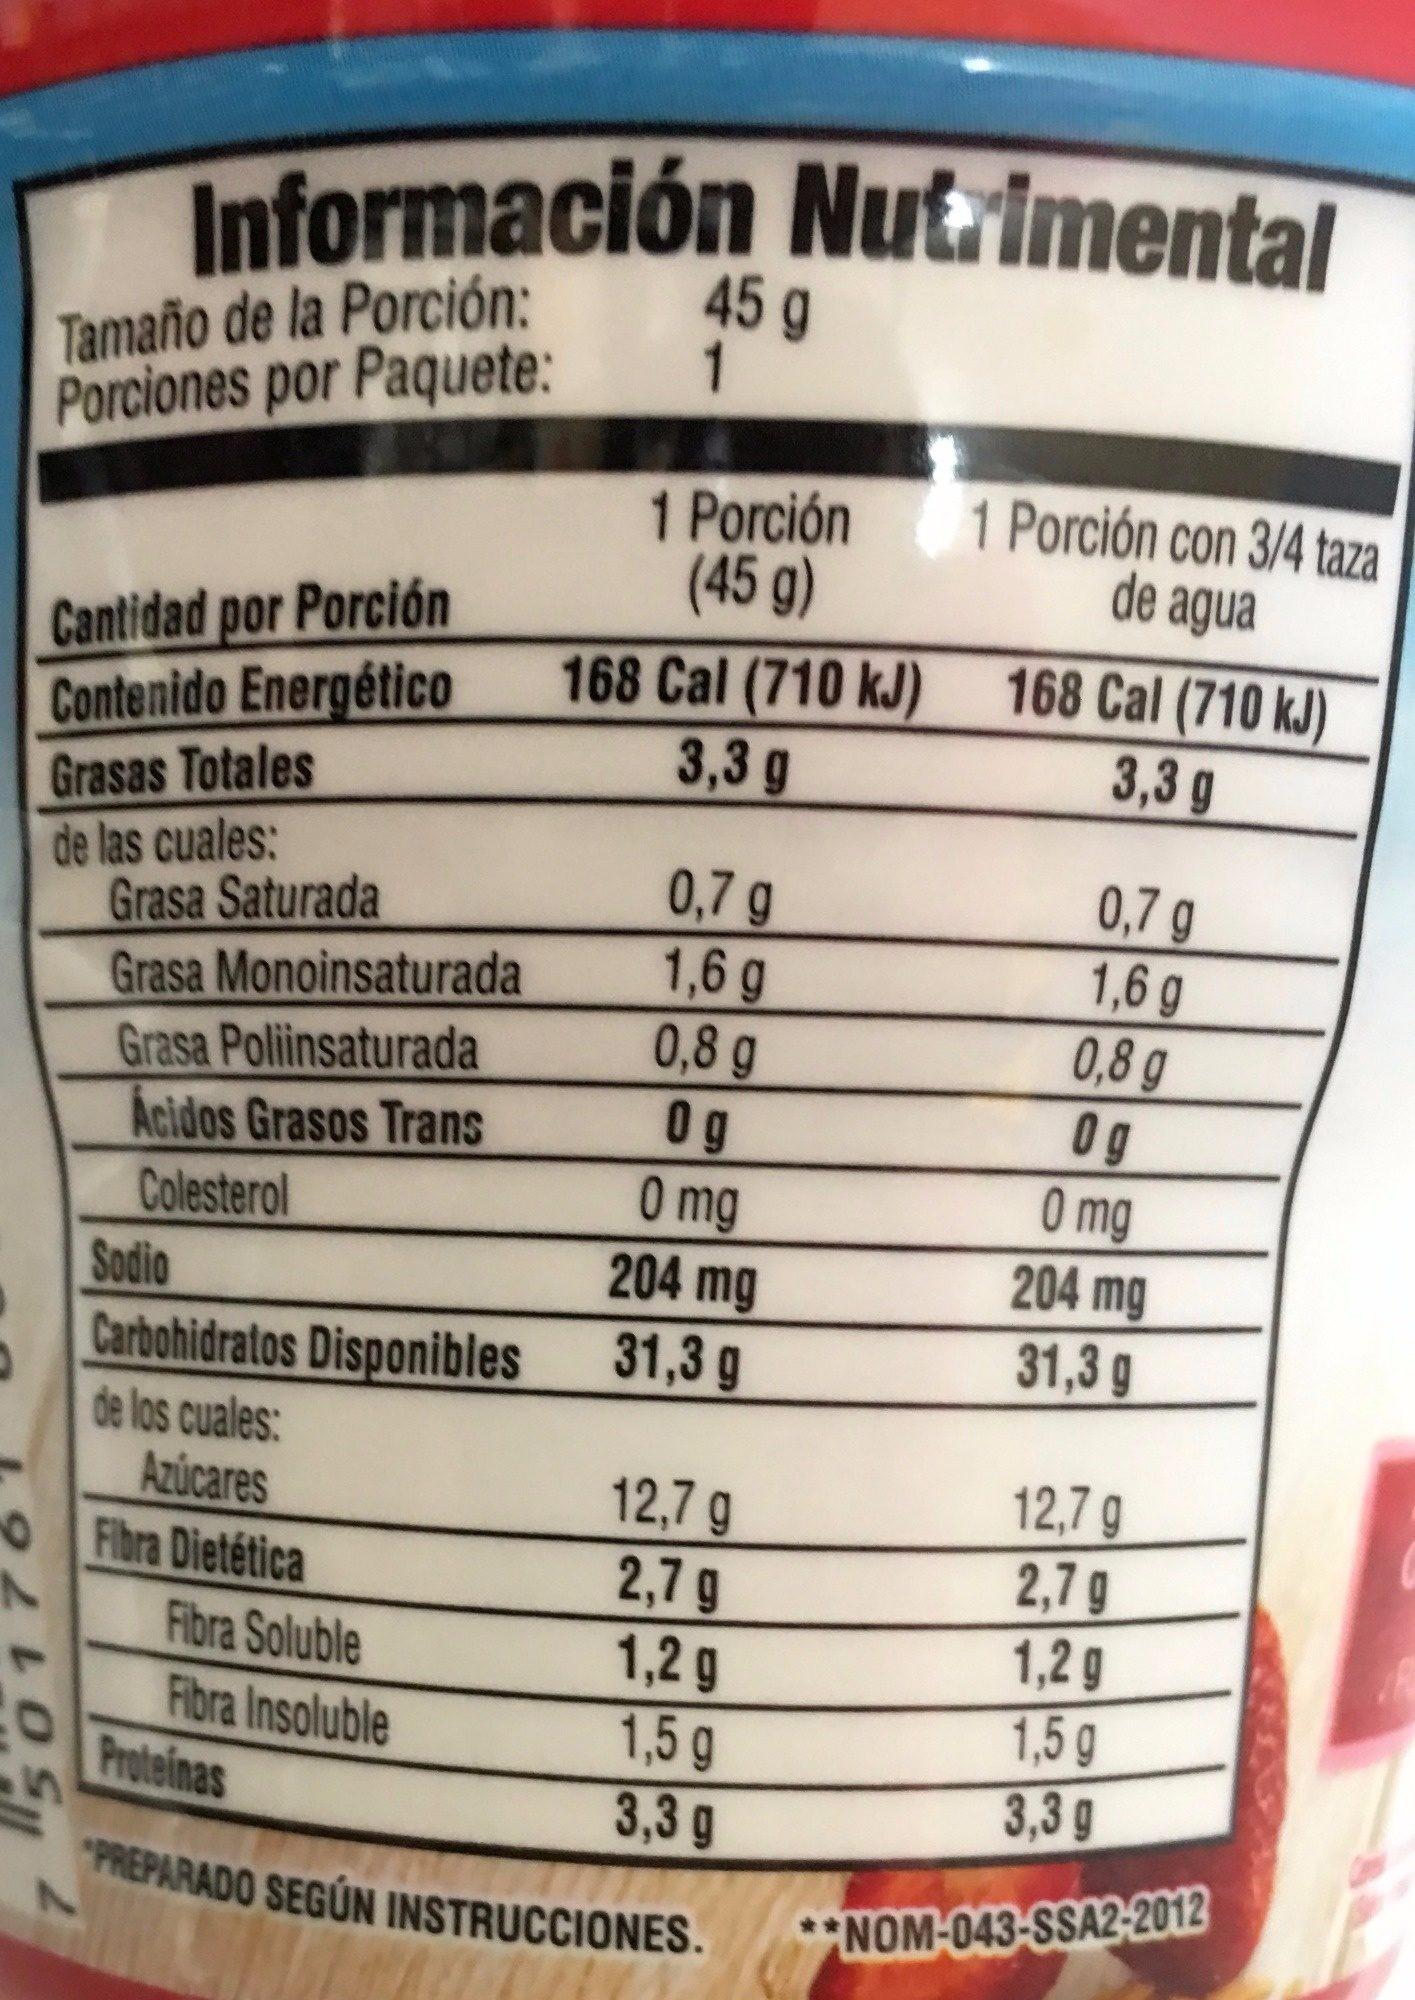 AVENA INSTANT FRESAS CON CREMA - Informations nutritionnelles